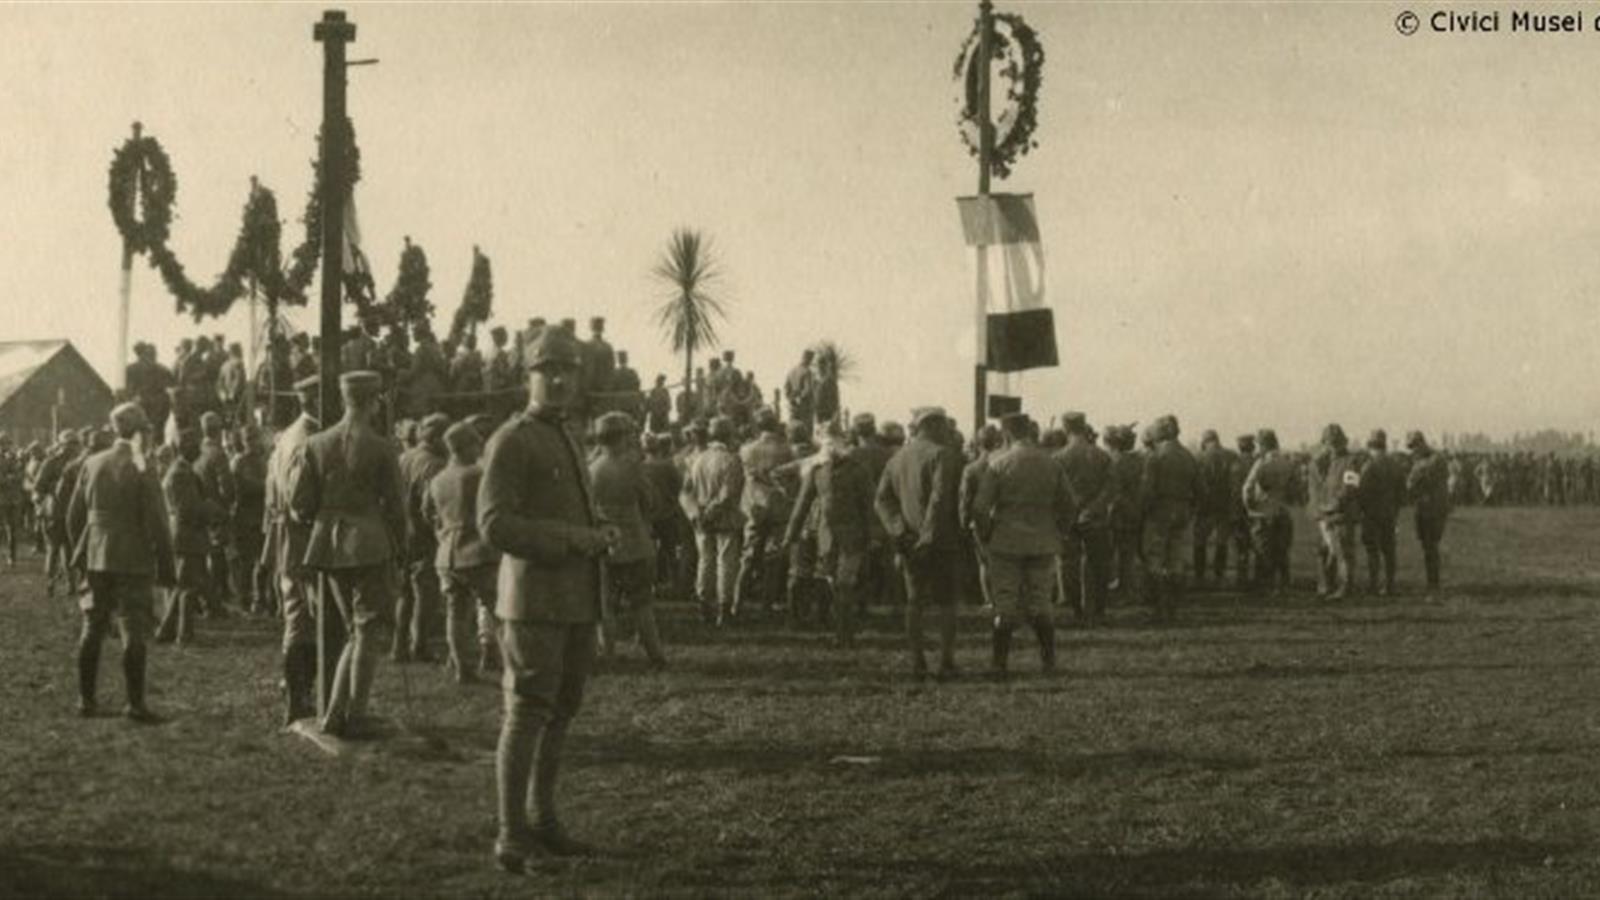 Siti di incontri militari in servizio attivo